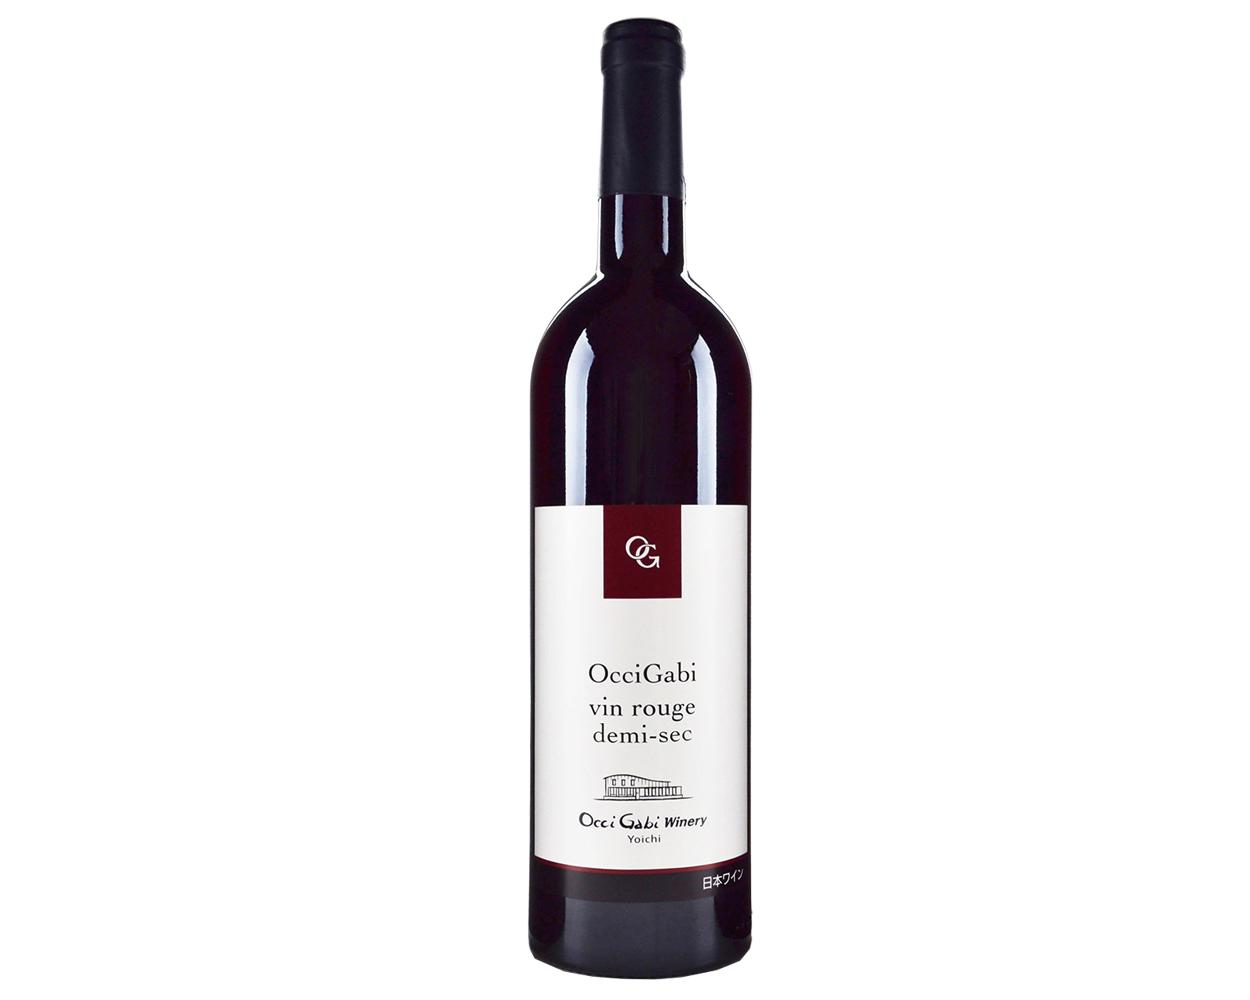 赤ワイン オチガビ・ヴァン・ルージュ・ドゥミ・セック 750ml